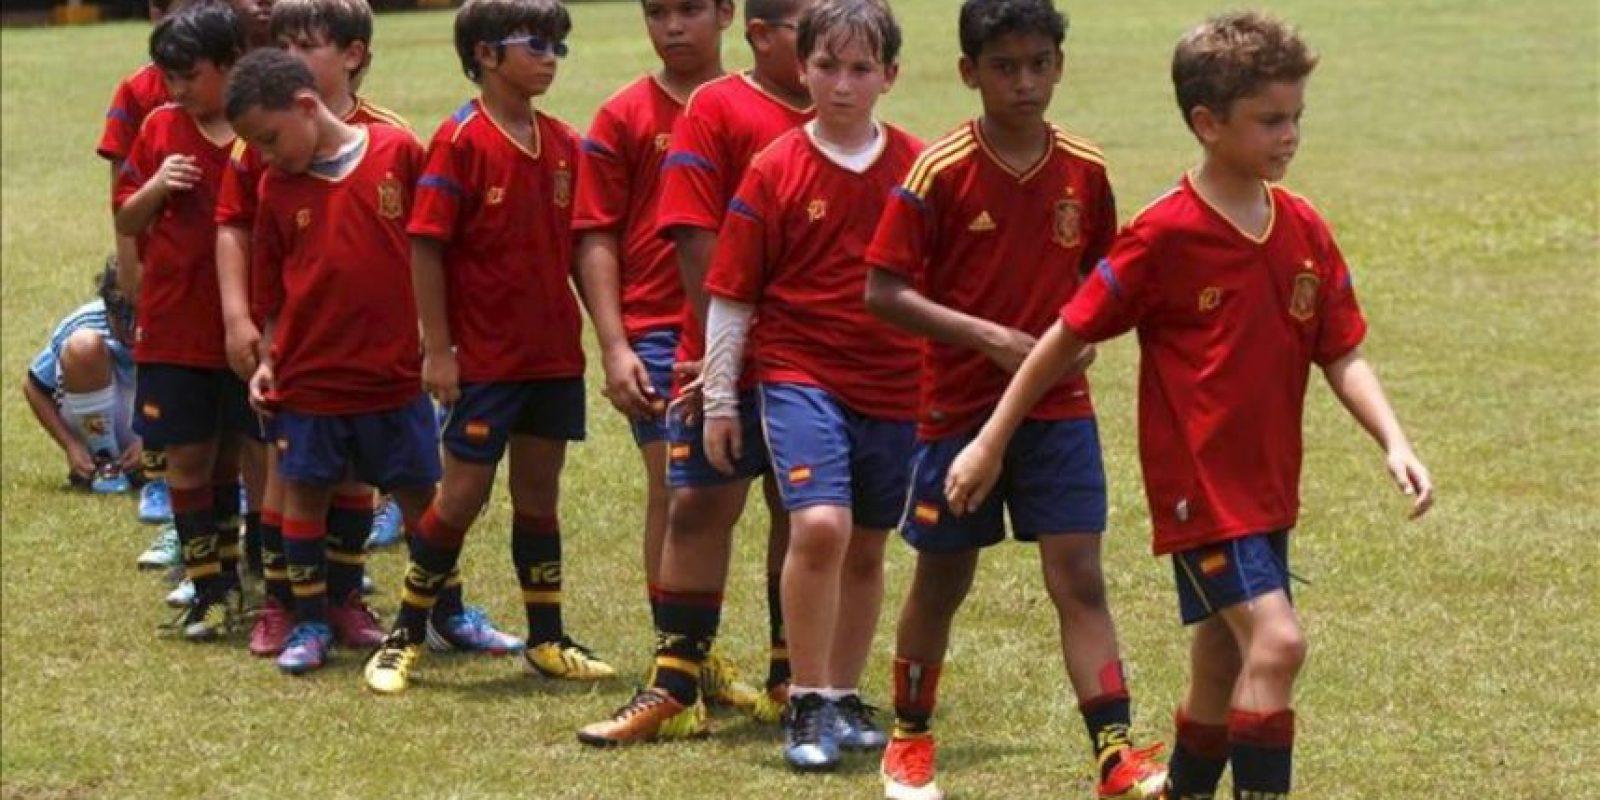 Un grupo de niños participa en un campamento de tecnificación y formación de fútbol impartido por entrenadores de la Fundación de la Real Federación Española de Fútbol (RFEF) en Santo Domingo (R.Dominicana). EFE